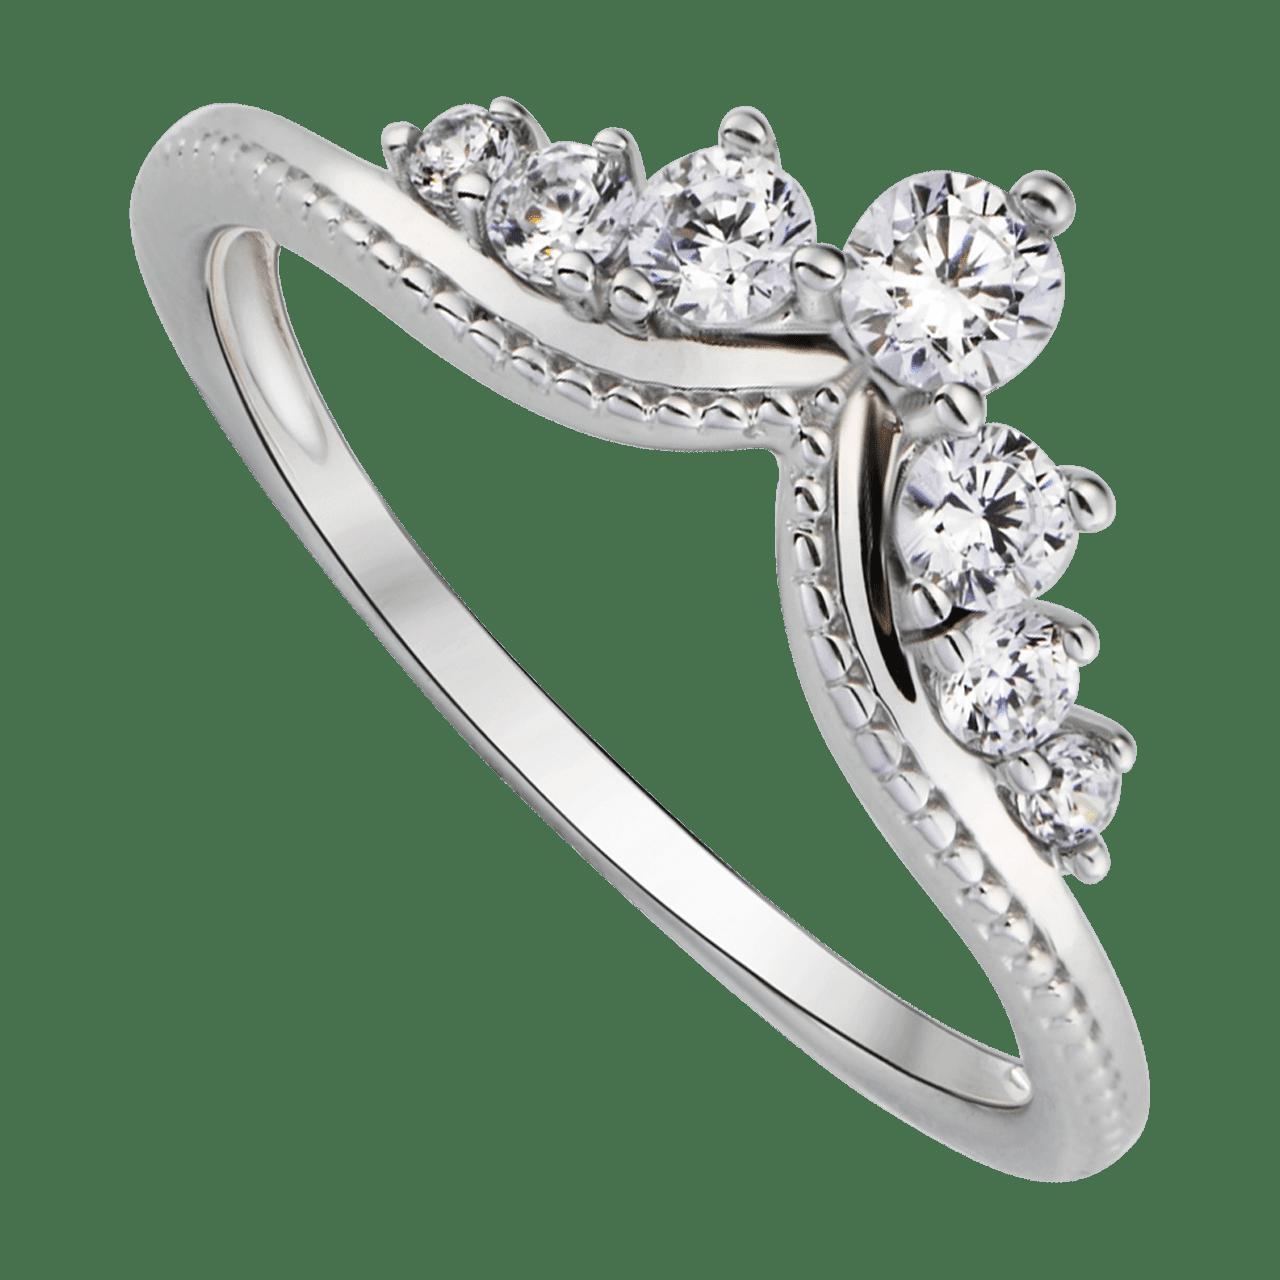 Nhẫn bạc đính đá PNJSilver Wanderlust hình vuơng miện XMXMK000189